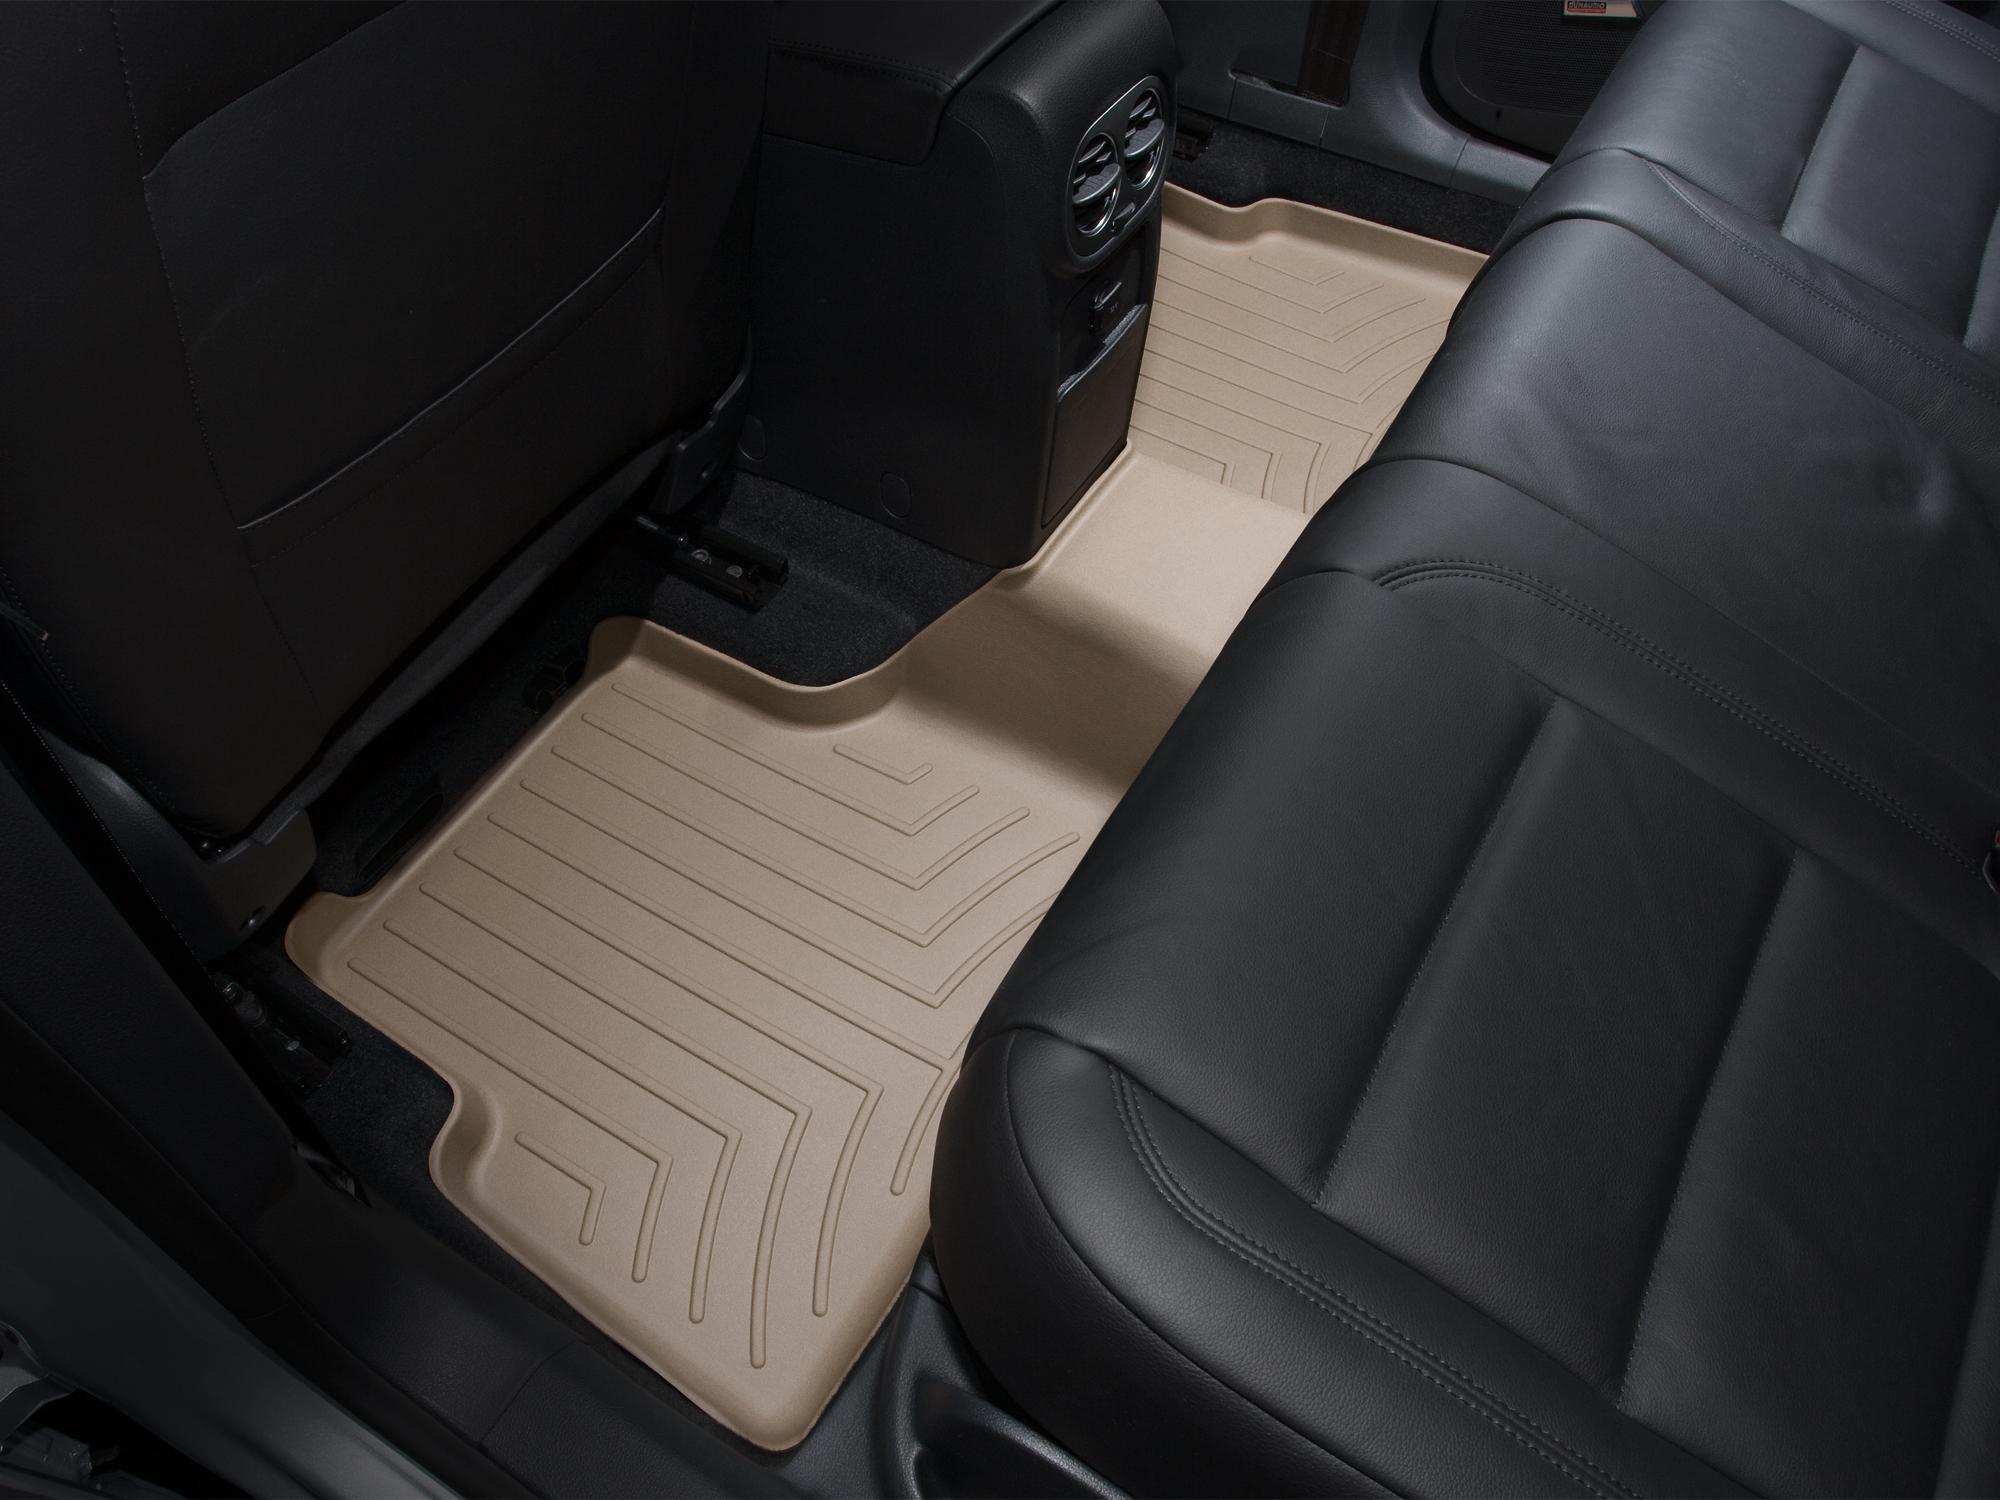 Tappeti gomma su misura bordo alto Volkswagen Tiguan 16>16 Marrone A4270*